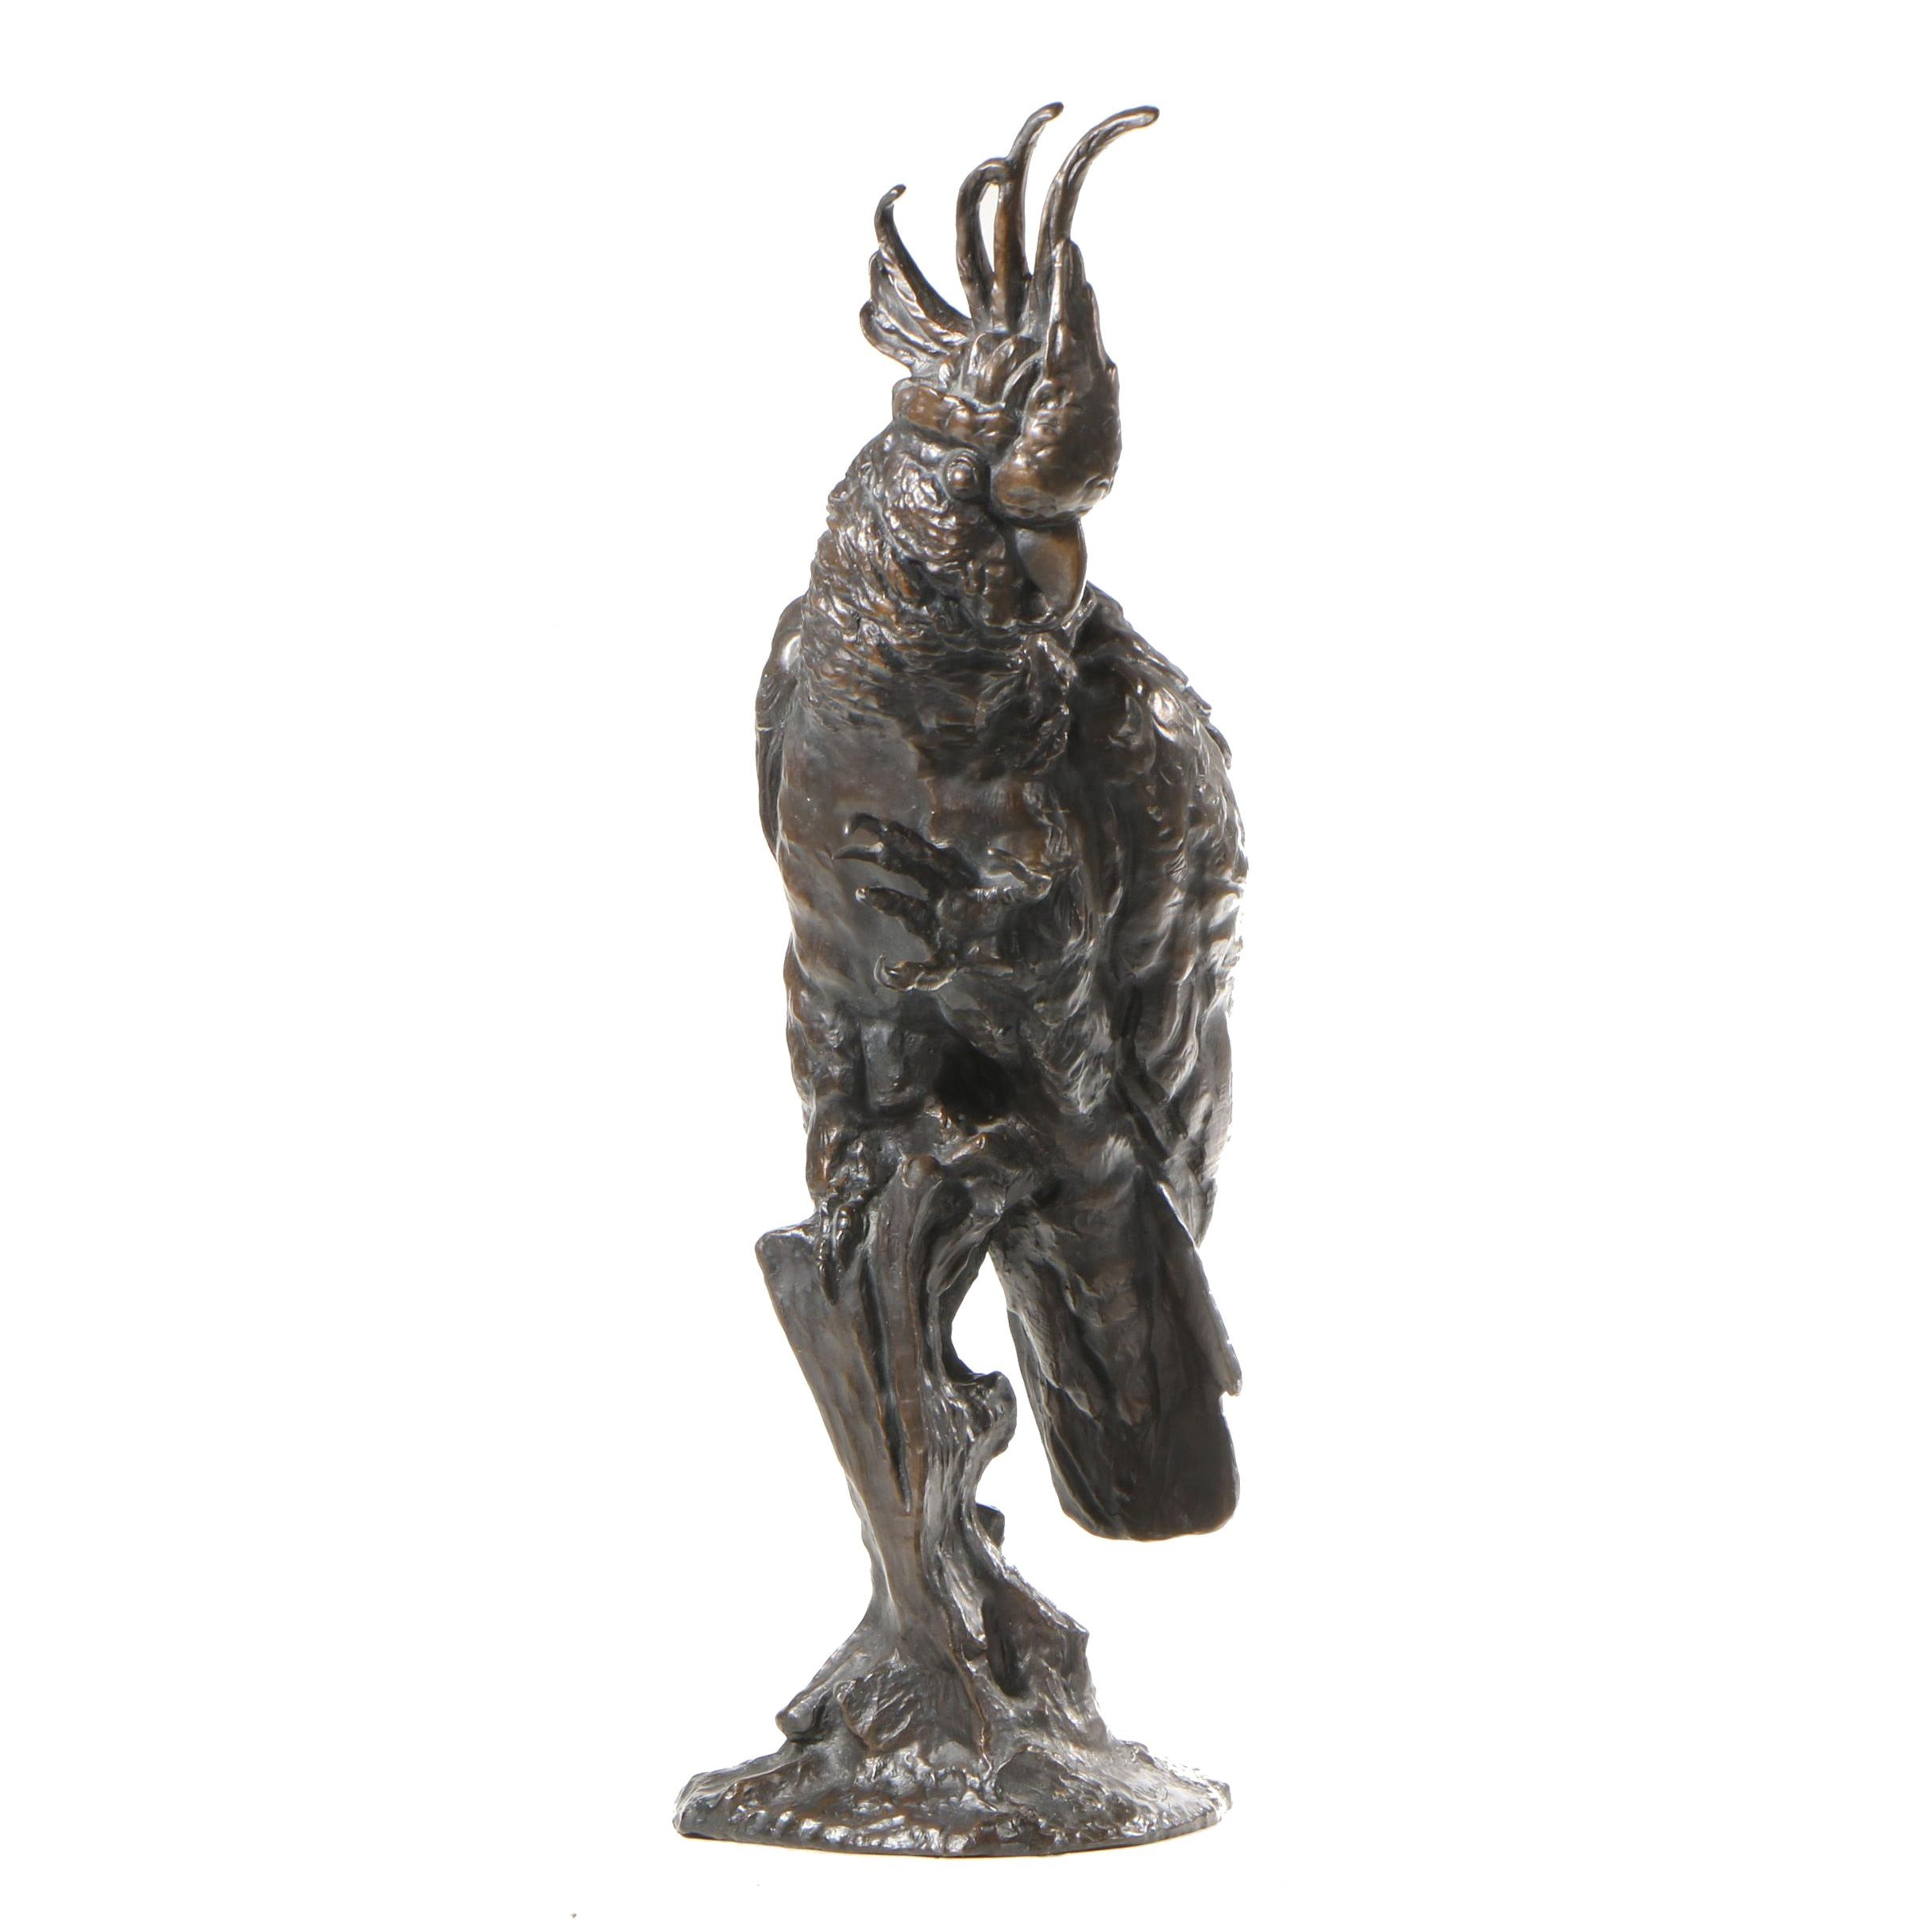 Limited Edition Bronze Sculpture after Carl Kauba